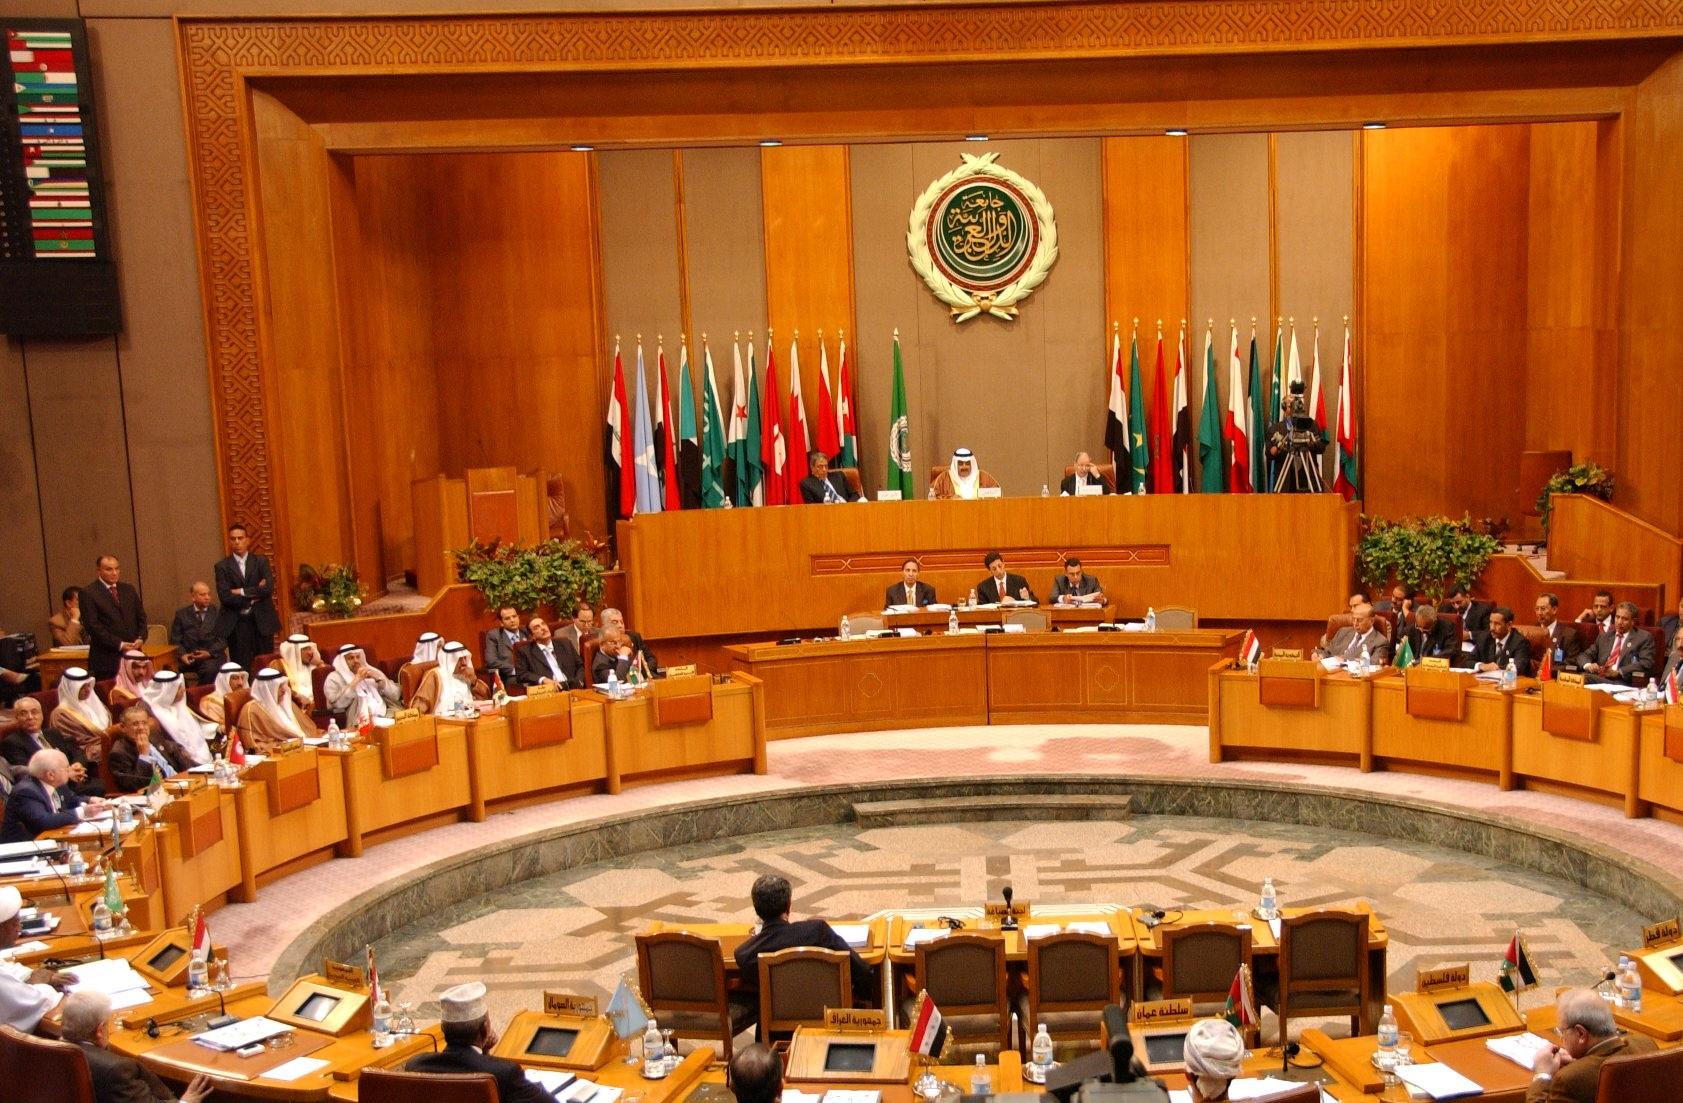 جامعة الدول العربية تحذر من خطورة استمرار الاعتداءات الاسرائيلية على القدس والاقصى